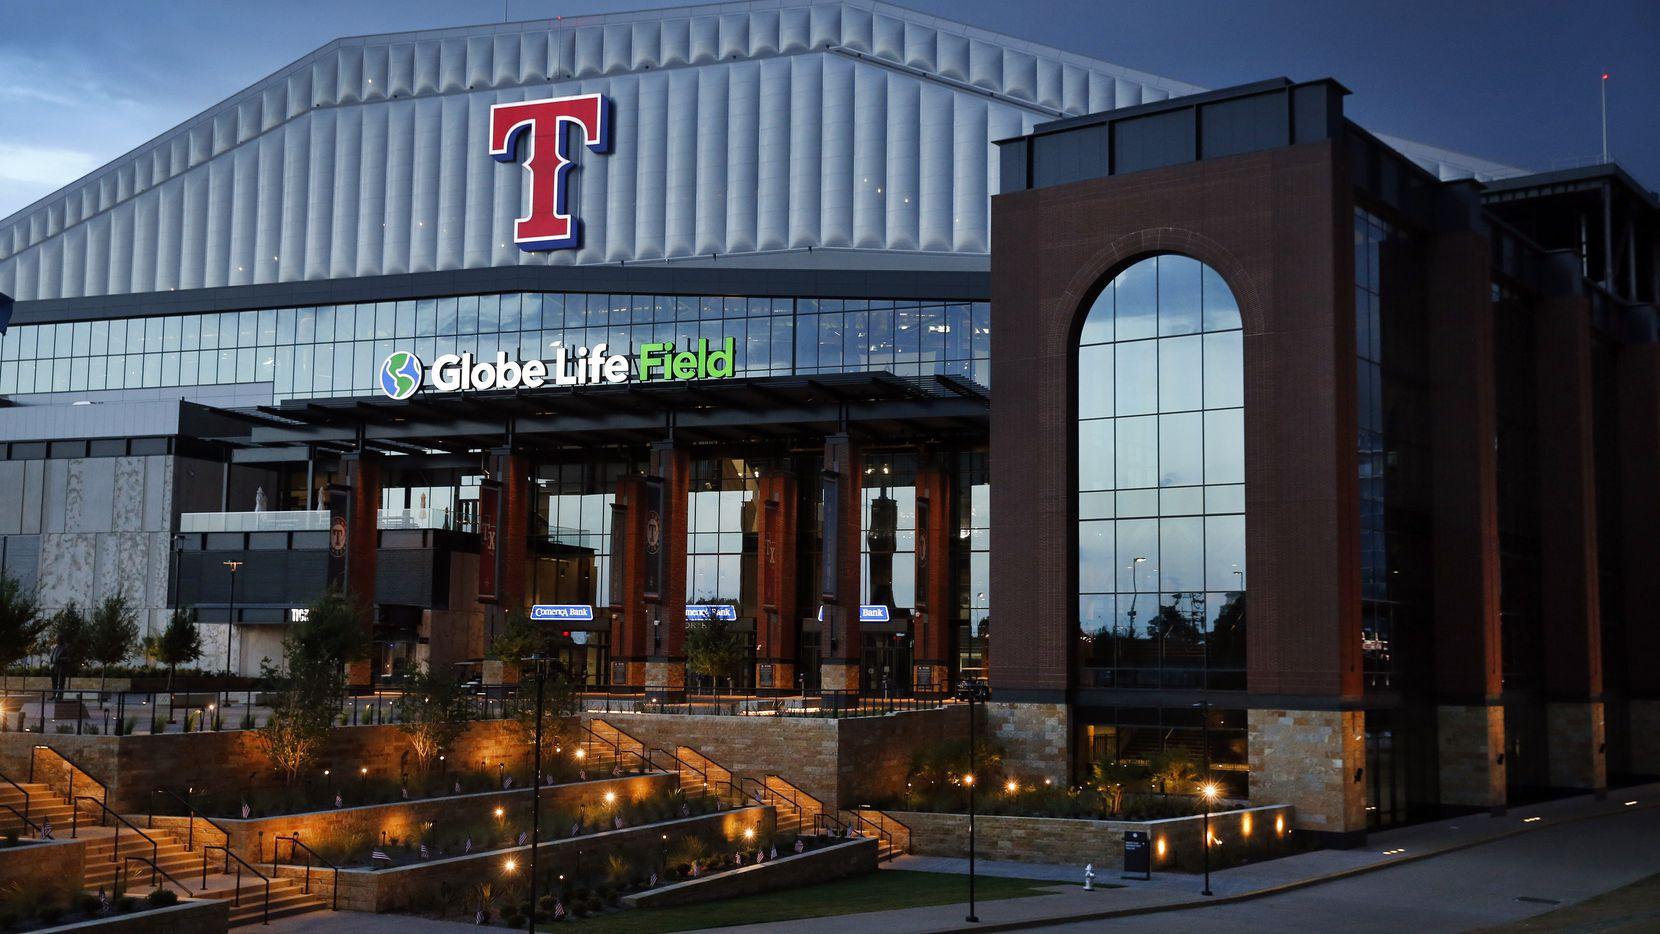 El Globe Life Field de Arlington no ha sido escenario favorable para los Rangers de Texas.